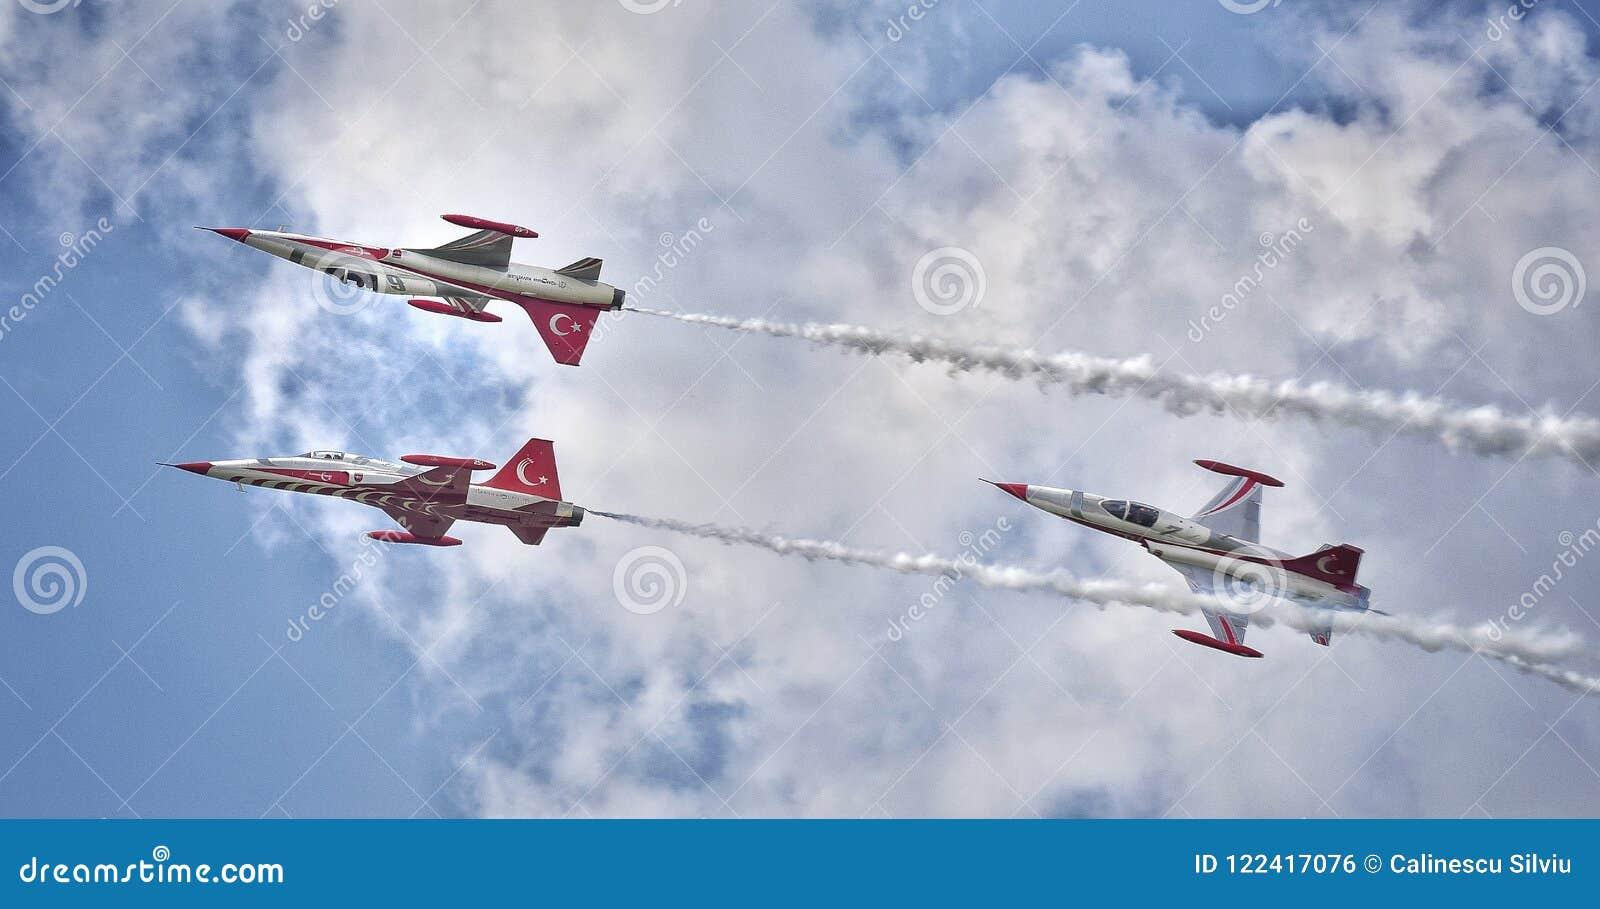 Bucharest International Air Show BIAS 2018